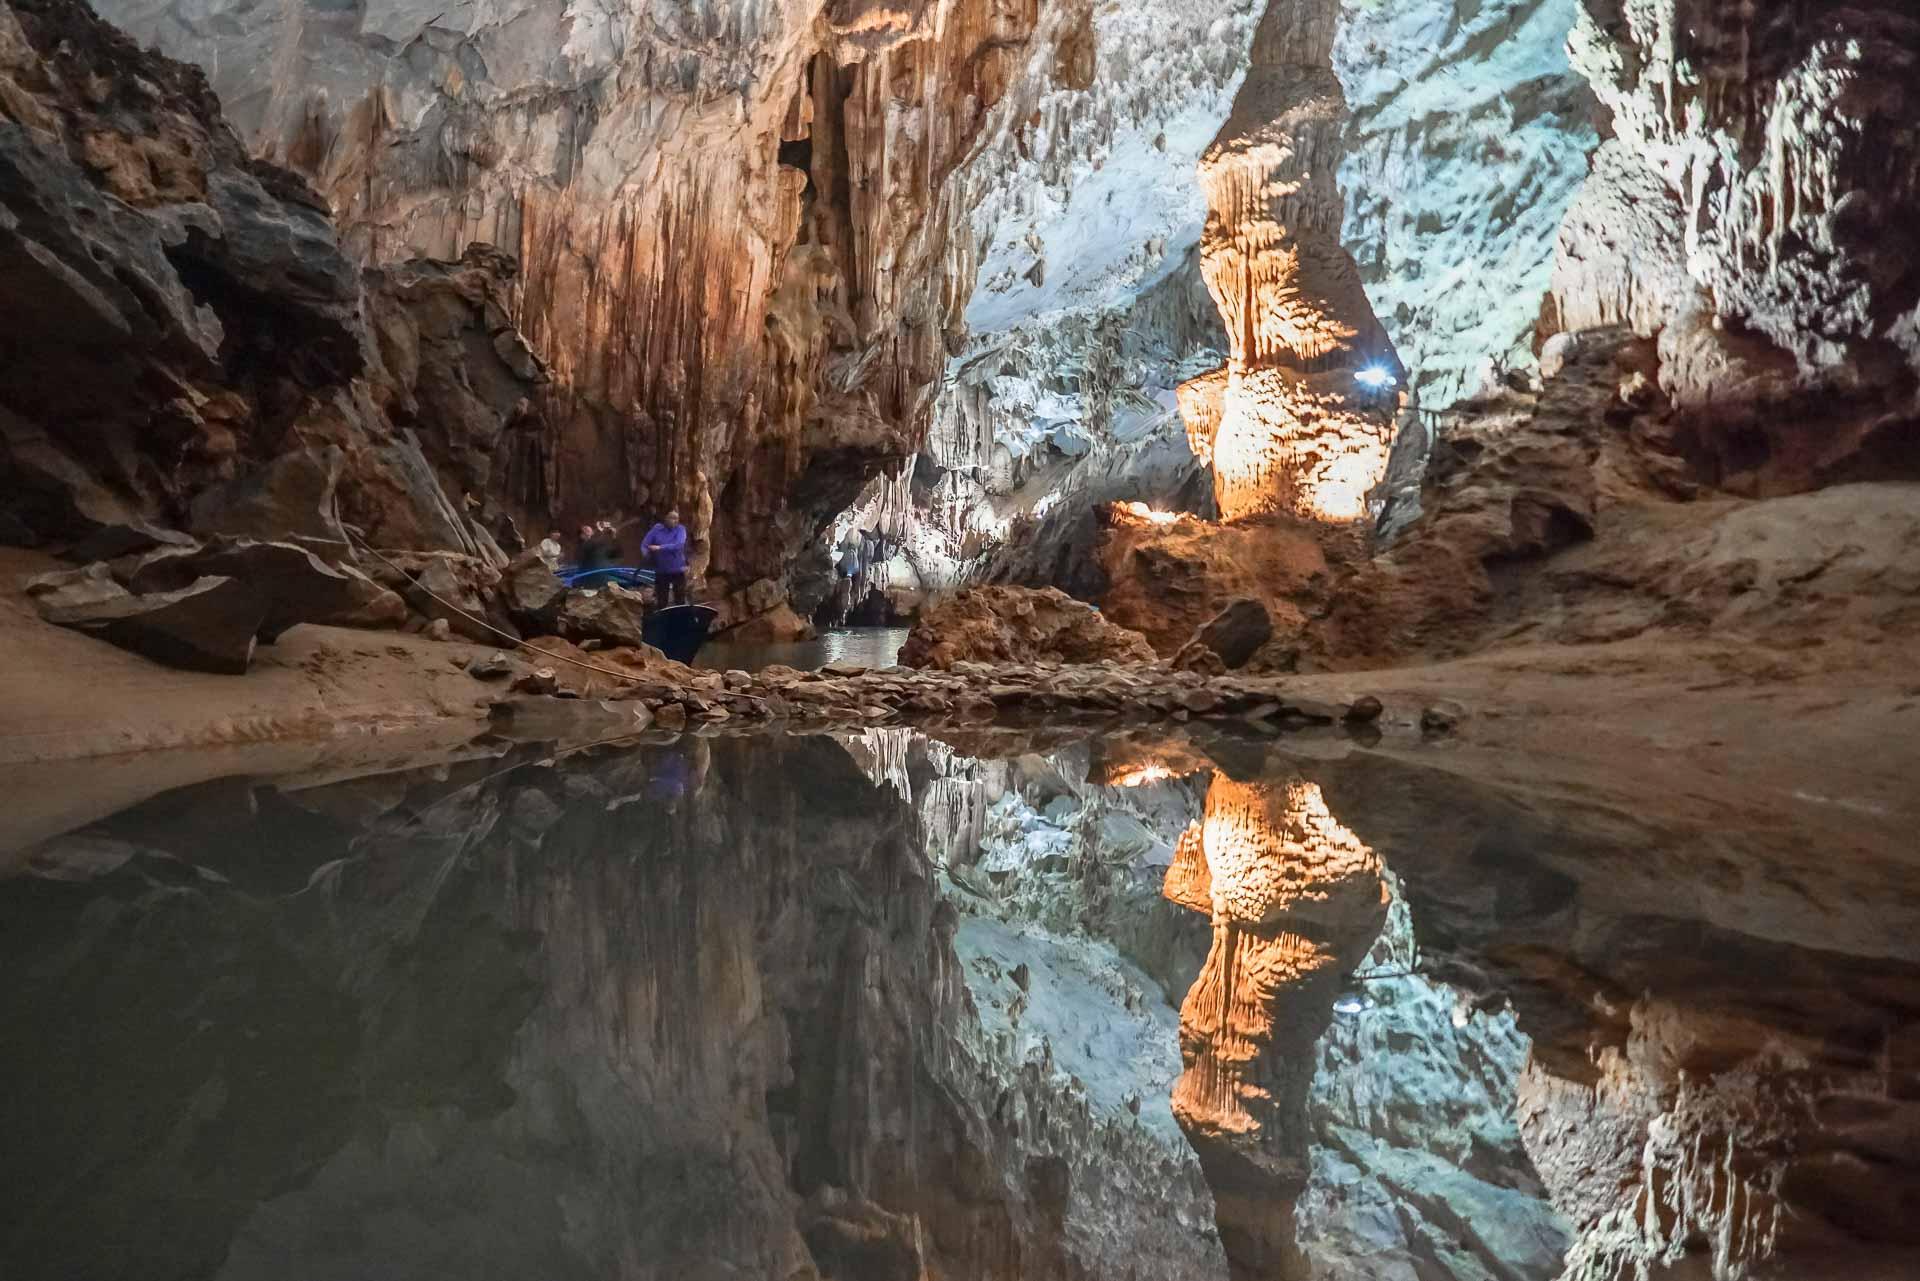 LesVoyageuses-Vietnam-Phong-Nha-Caves-Nature-51